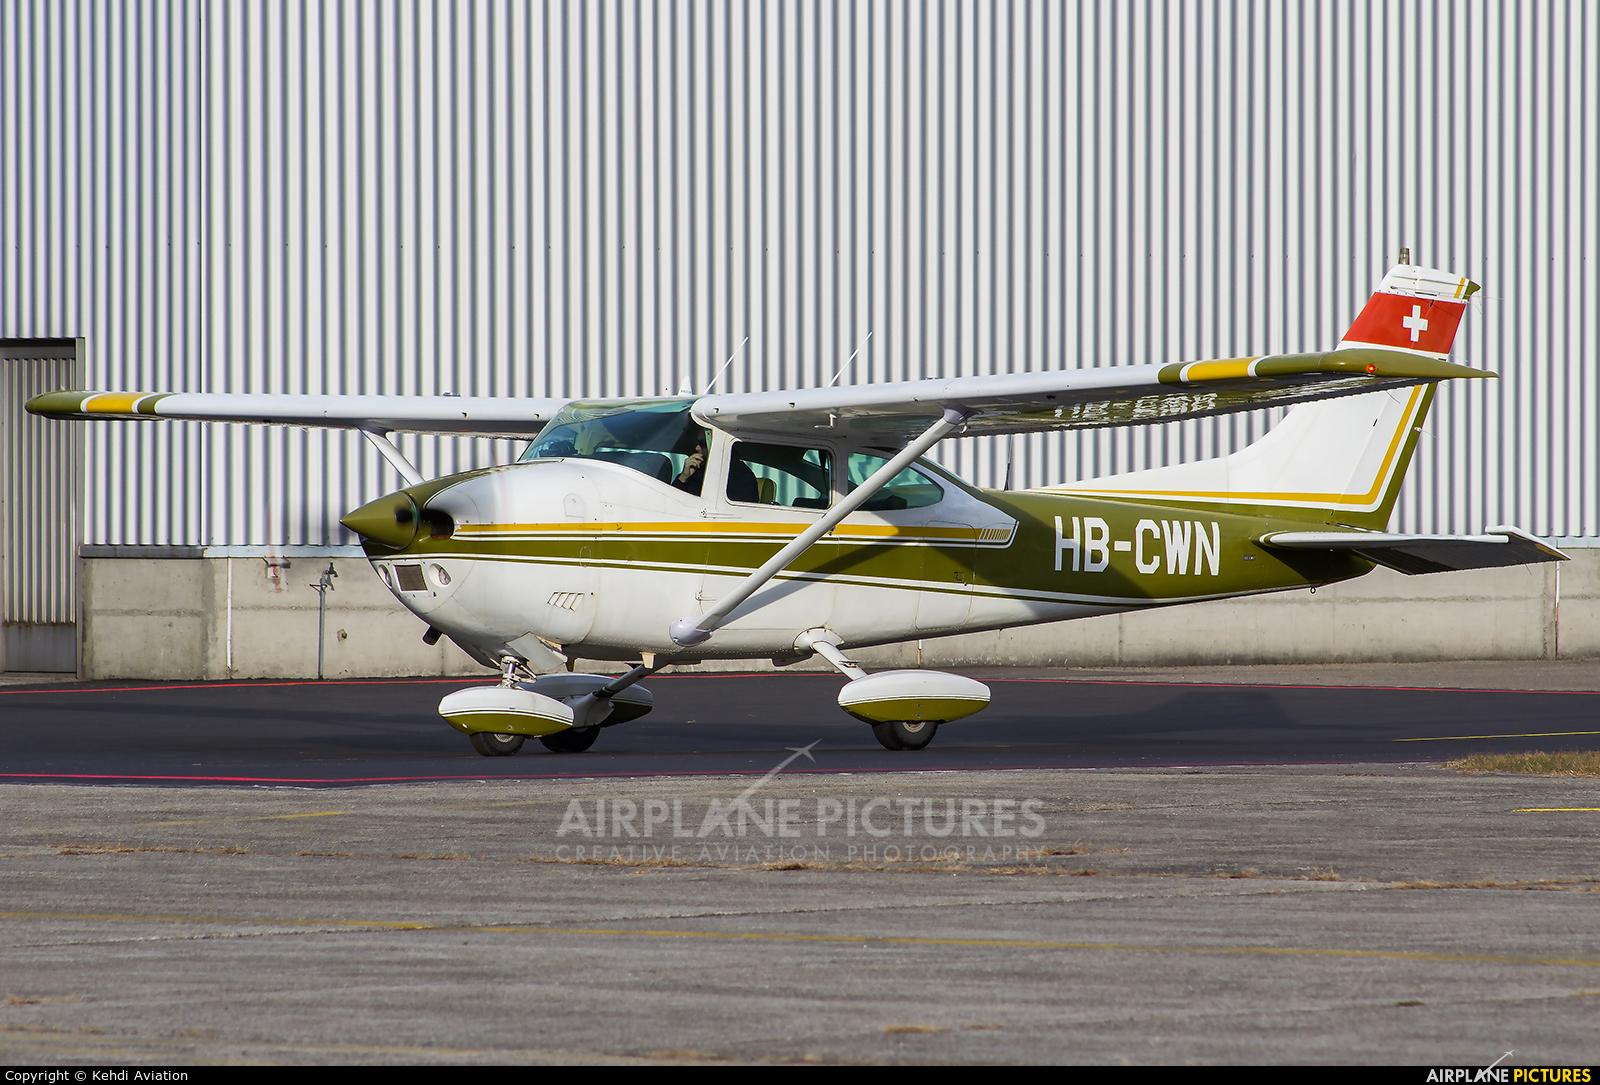 Private HB-CWN aircraft at Locarno